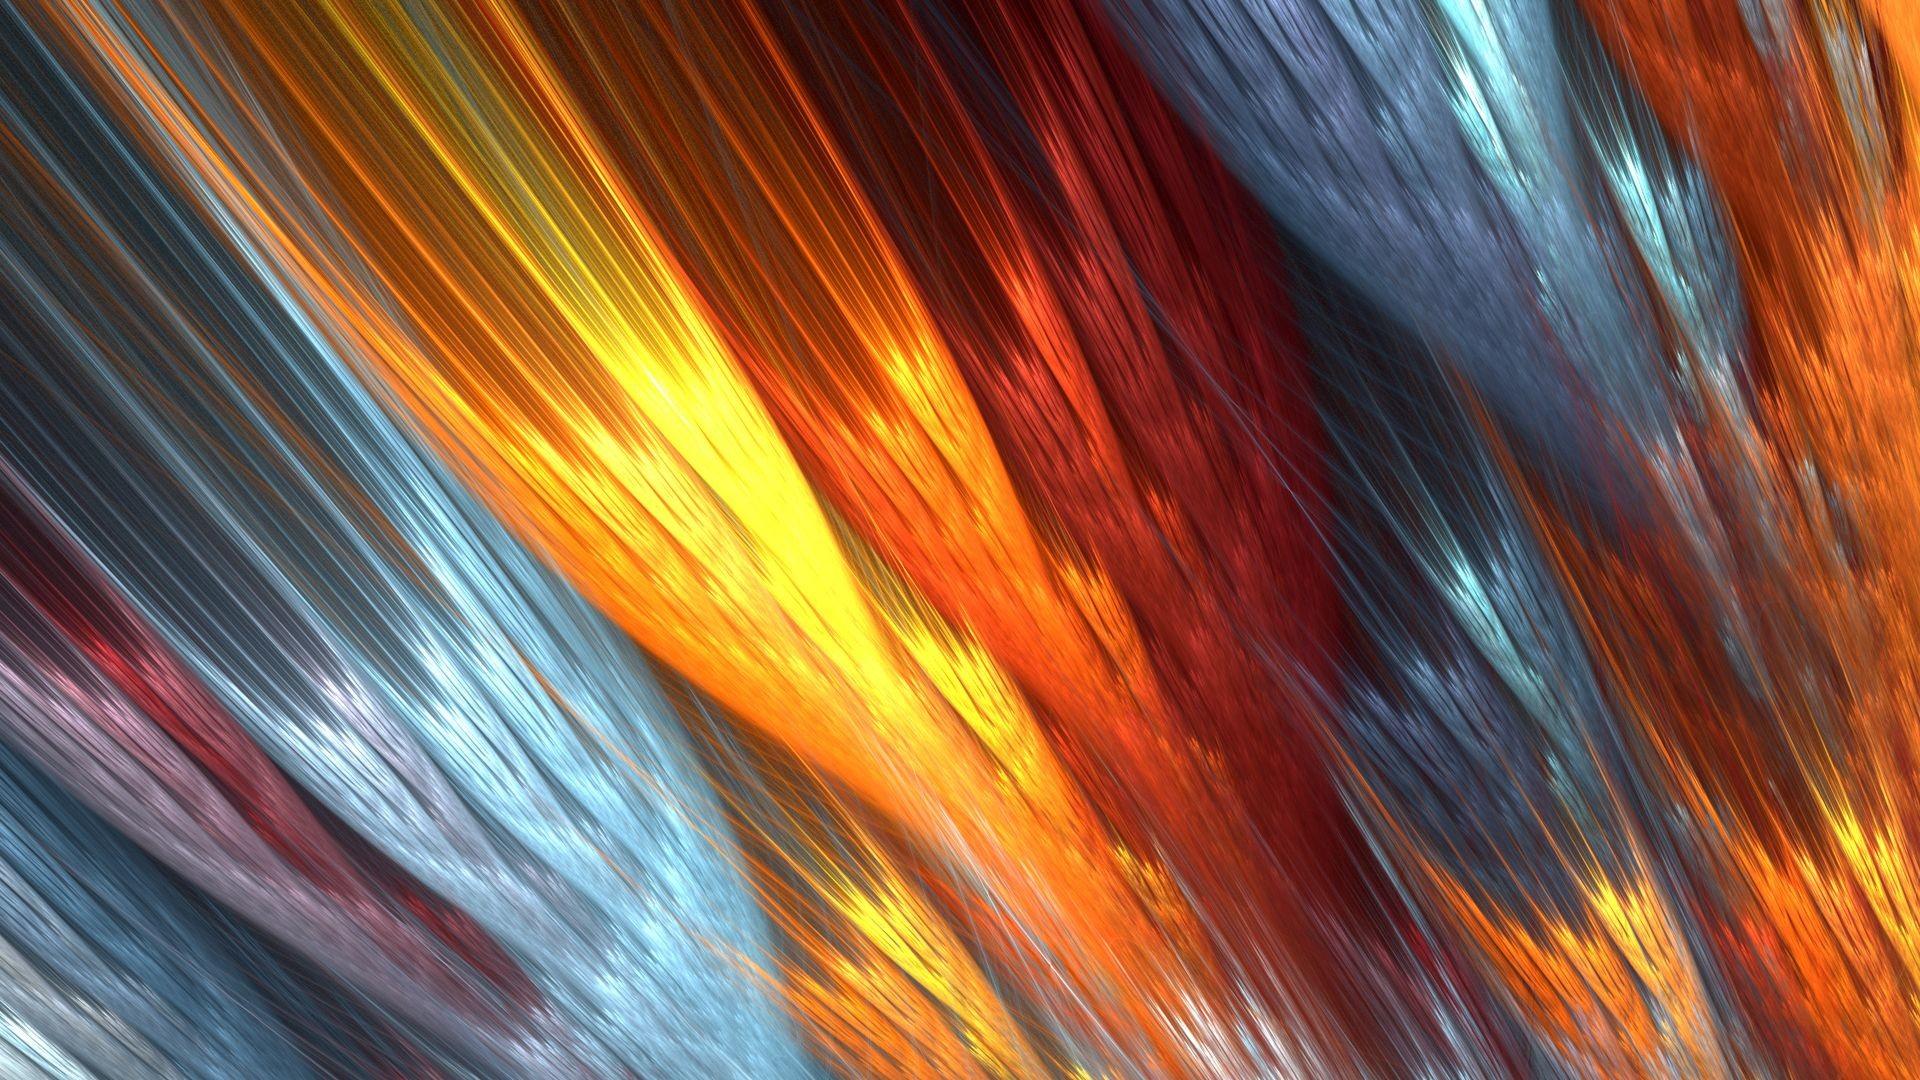 Abstract Fire Fractals HD Wallpaper. « »